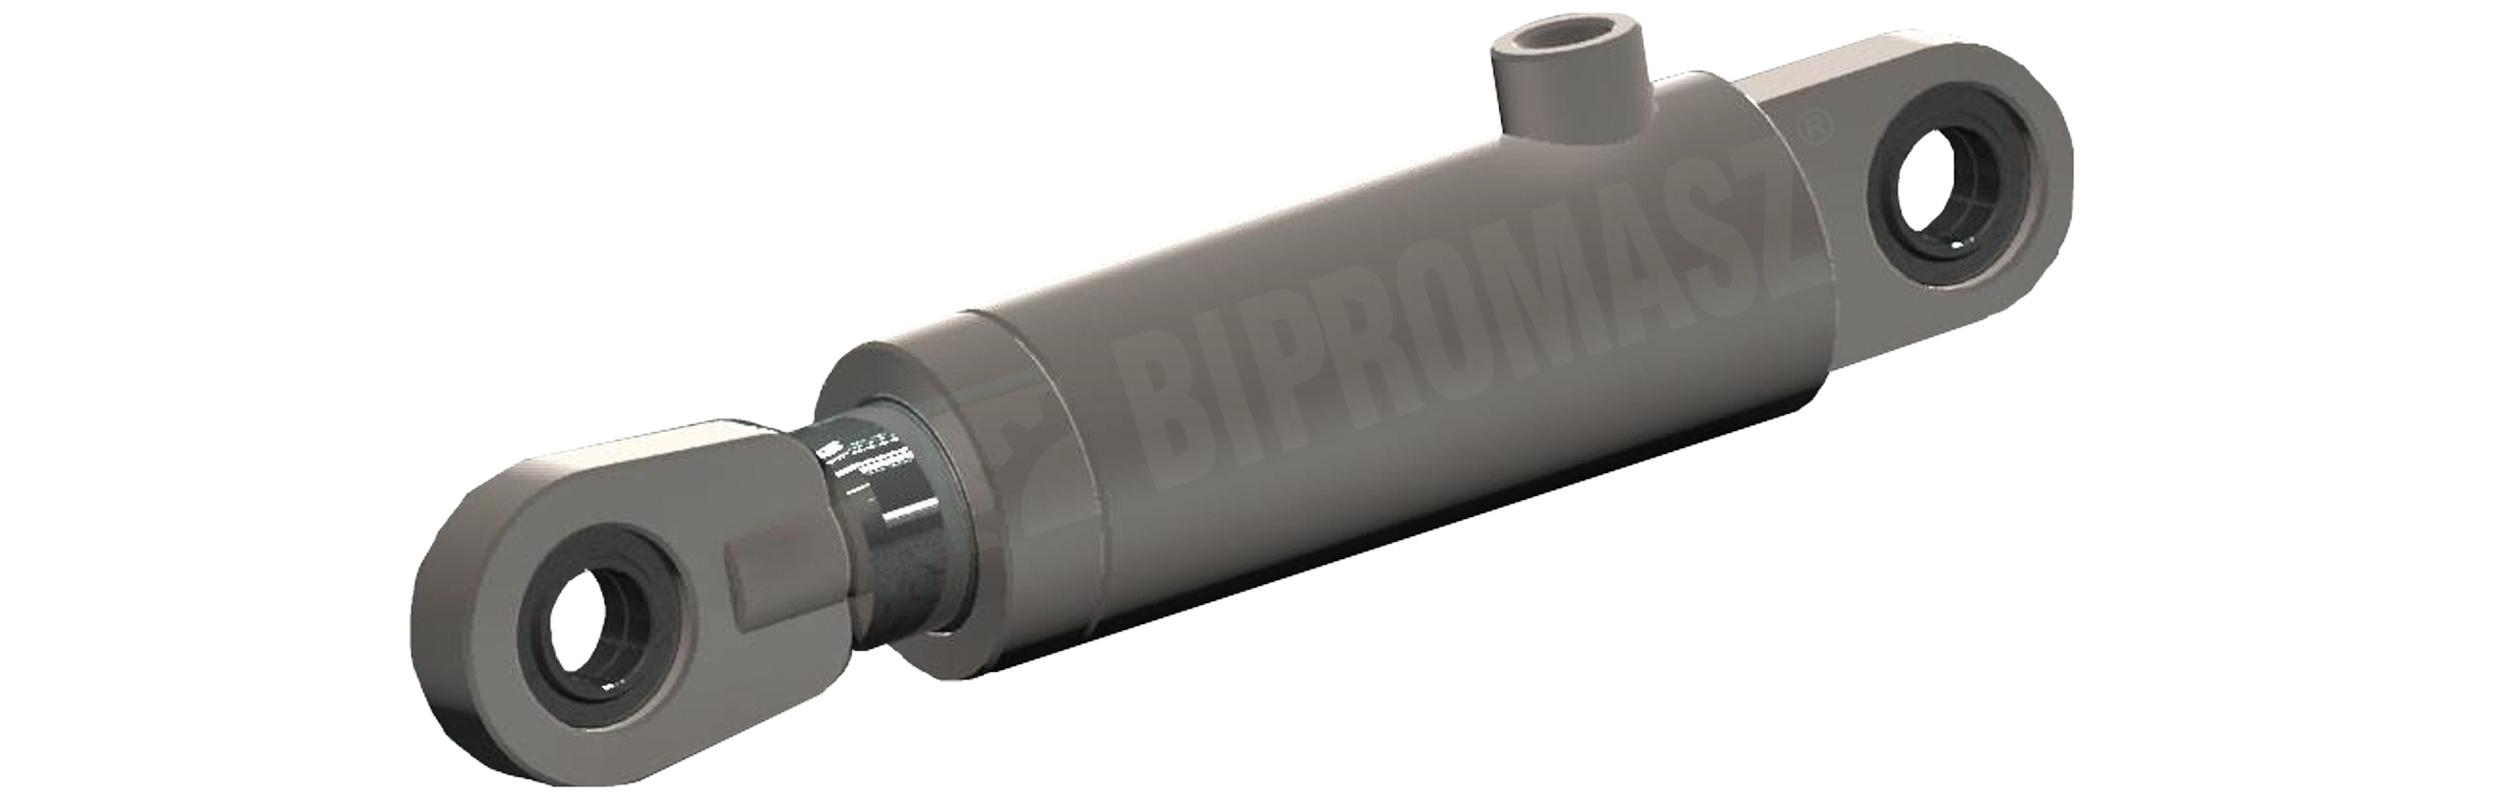 Siłownik hydrauliczny jednostronnego działania CBN produkcji firmy Bipromasz